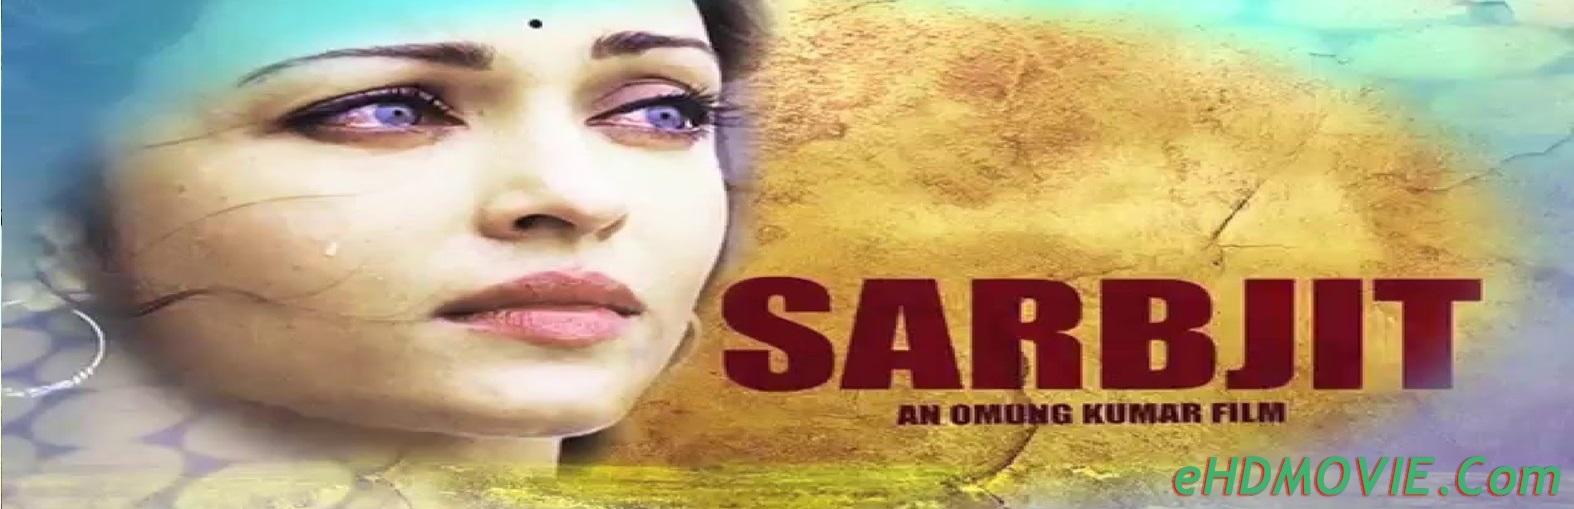 Sarbjit 2016 Full Movie Hindi 720p - 480p ORG BRRip 550MB - 1.1GB ESubs Free Download